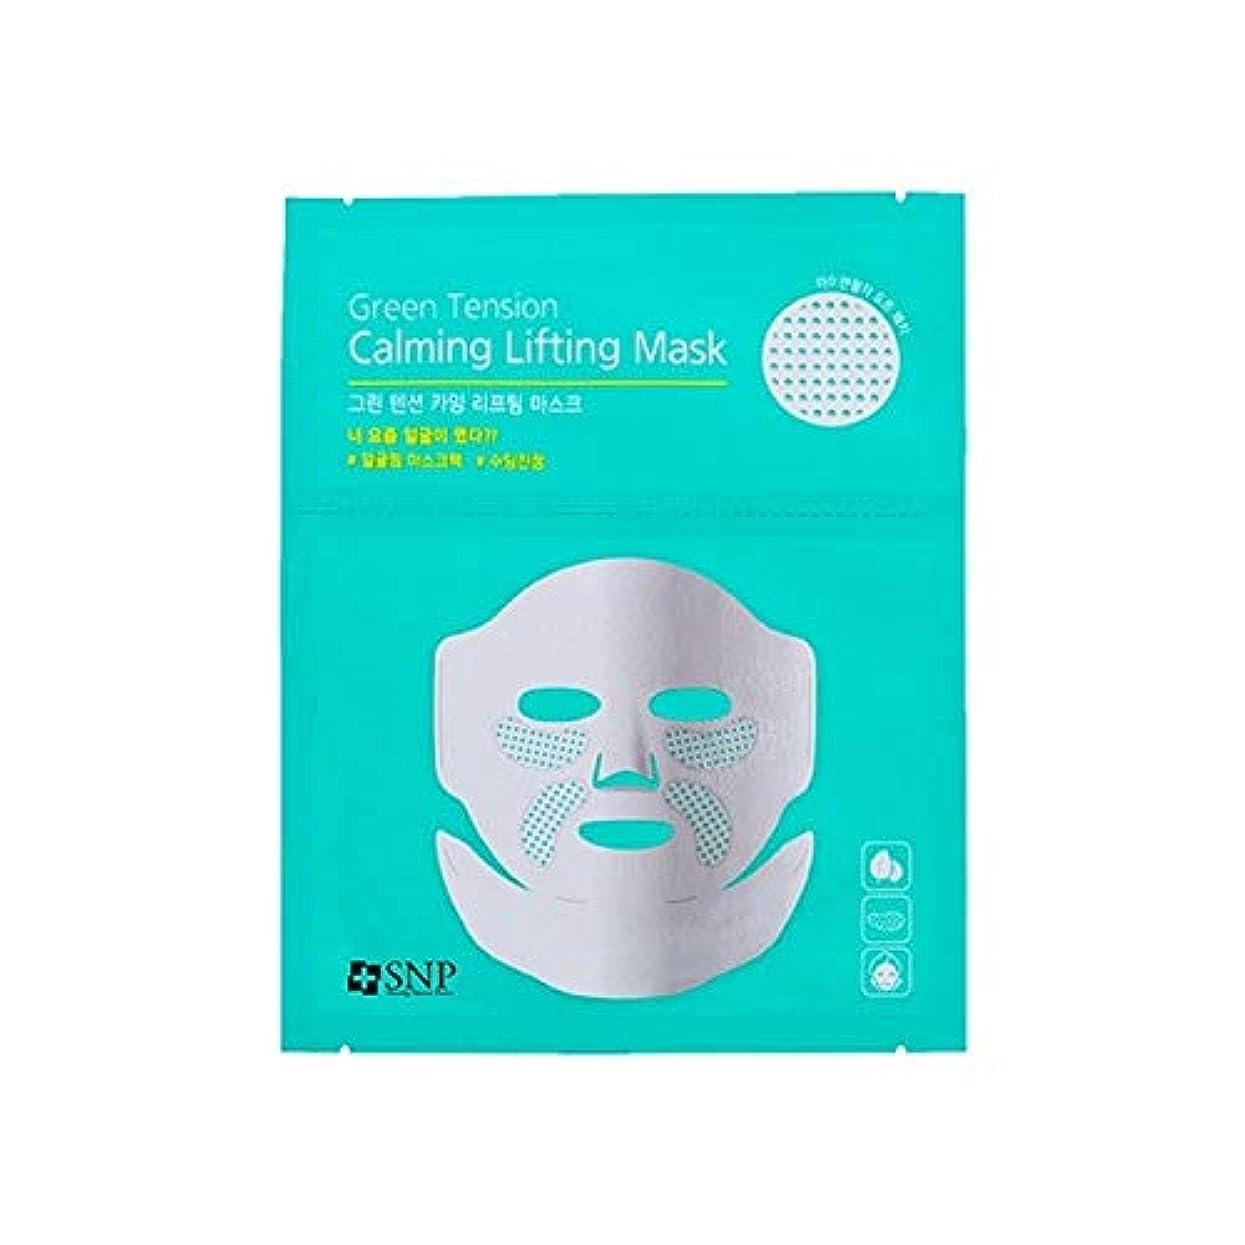 写真の従事する言い訳[SNP] リフティングマスクを引き締めSnp緑の緊張 - SNP Green Tension Firming Lifting Mask [並行輸入品]